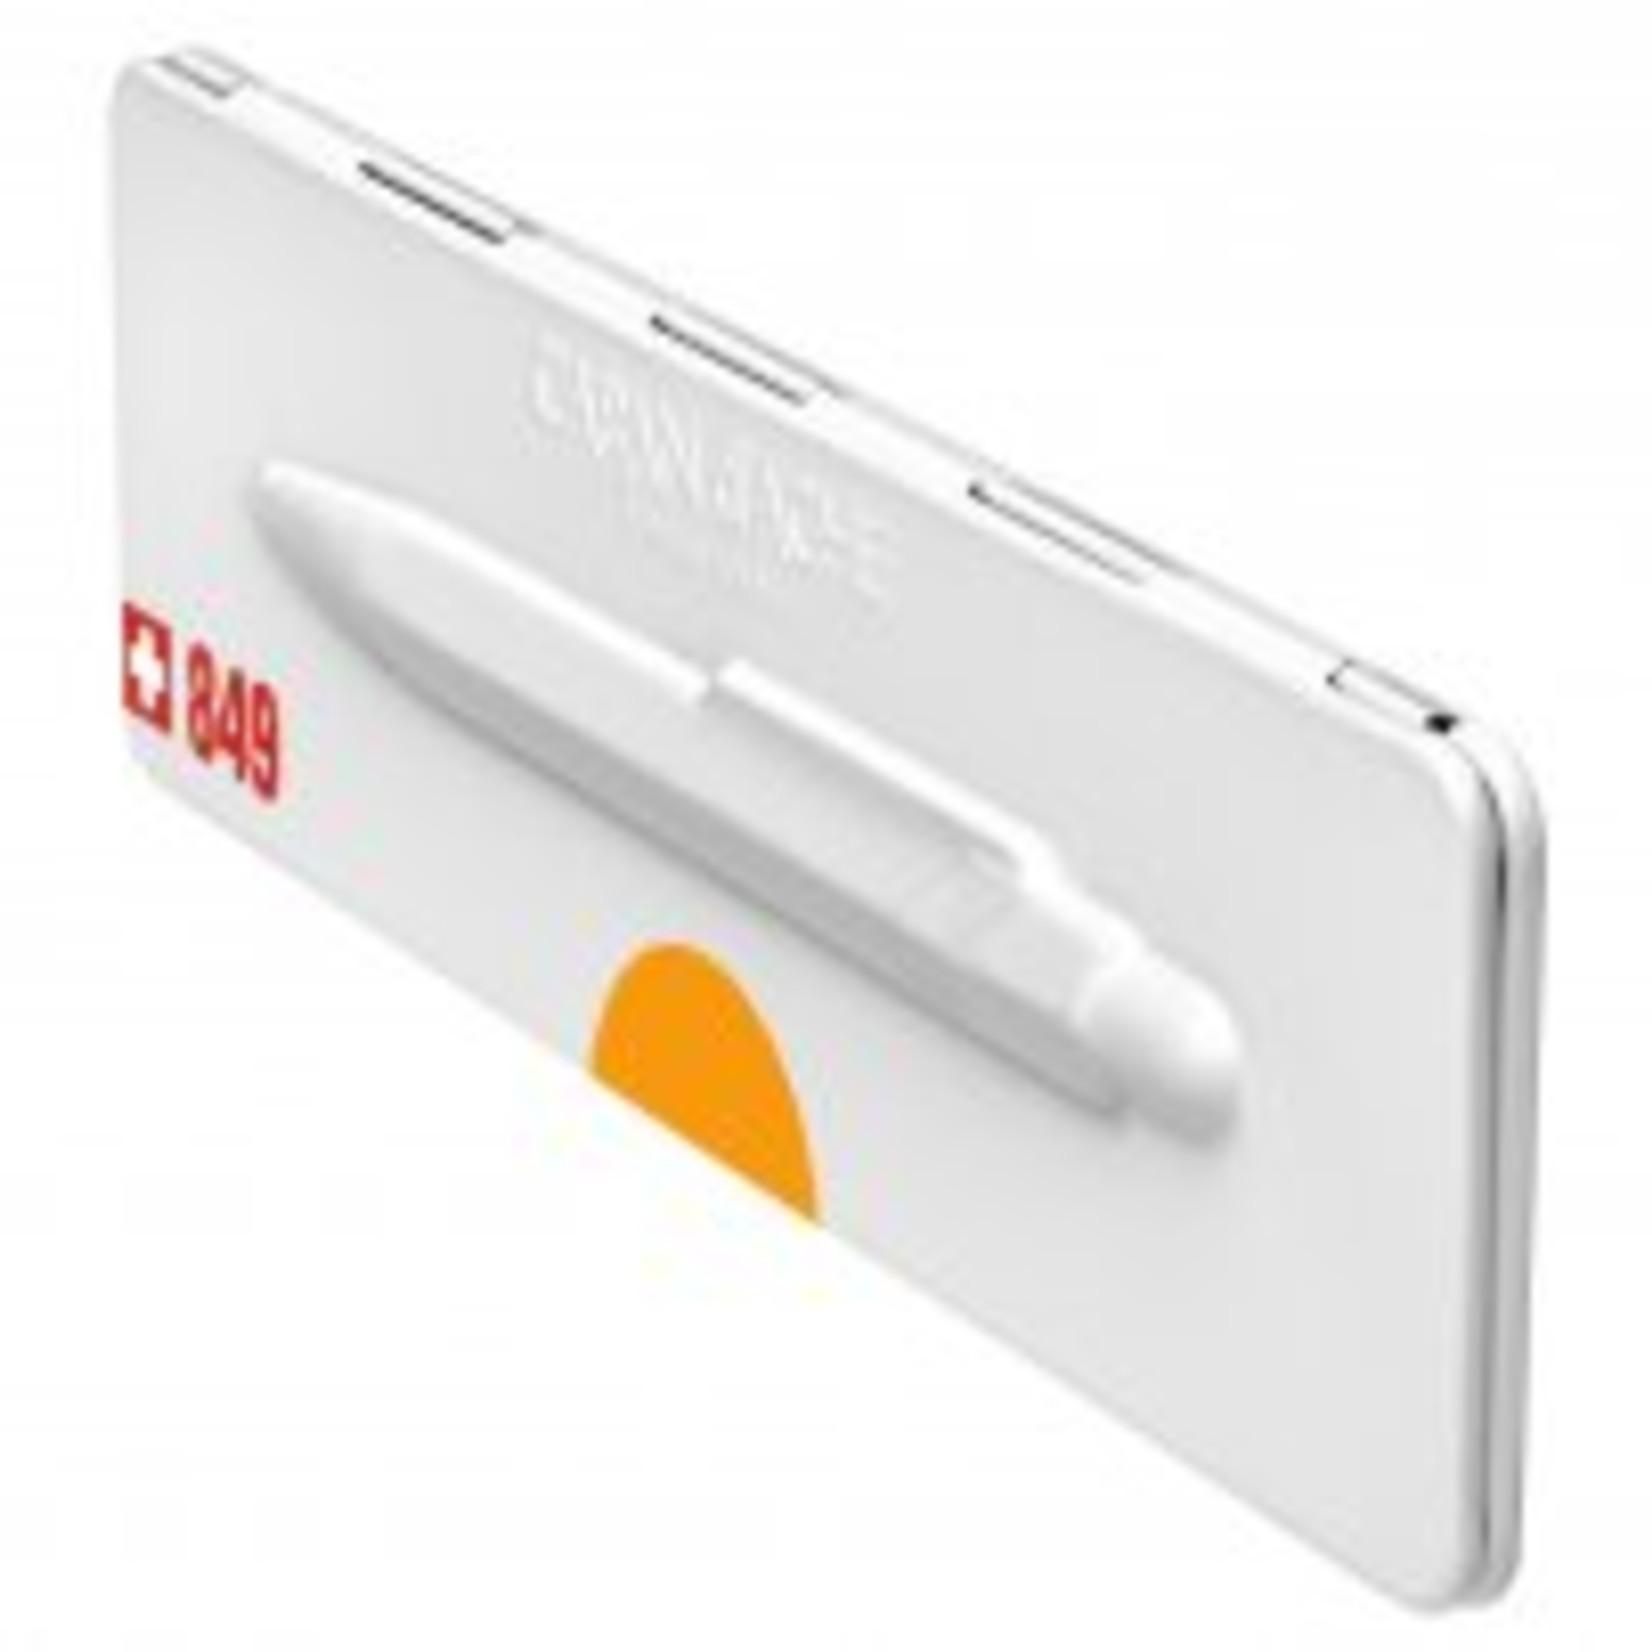 Caran d'Ache 849 Pop Line Kugelschreiber mit Etui, orange